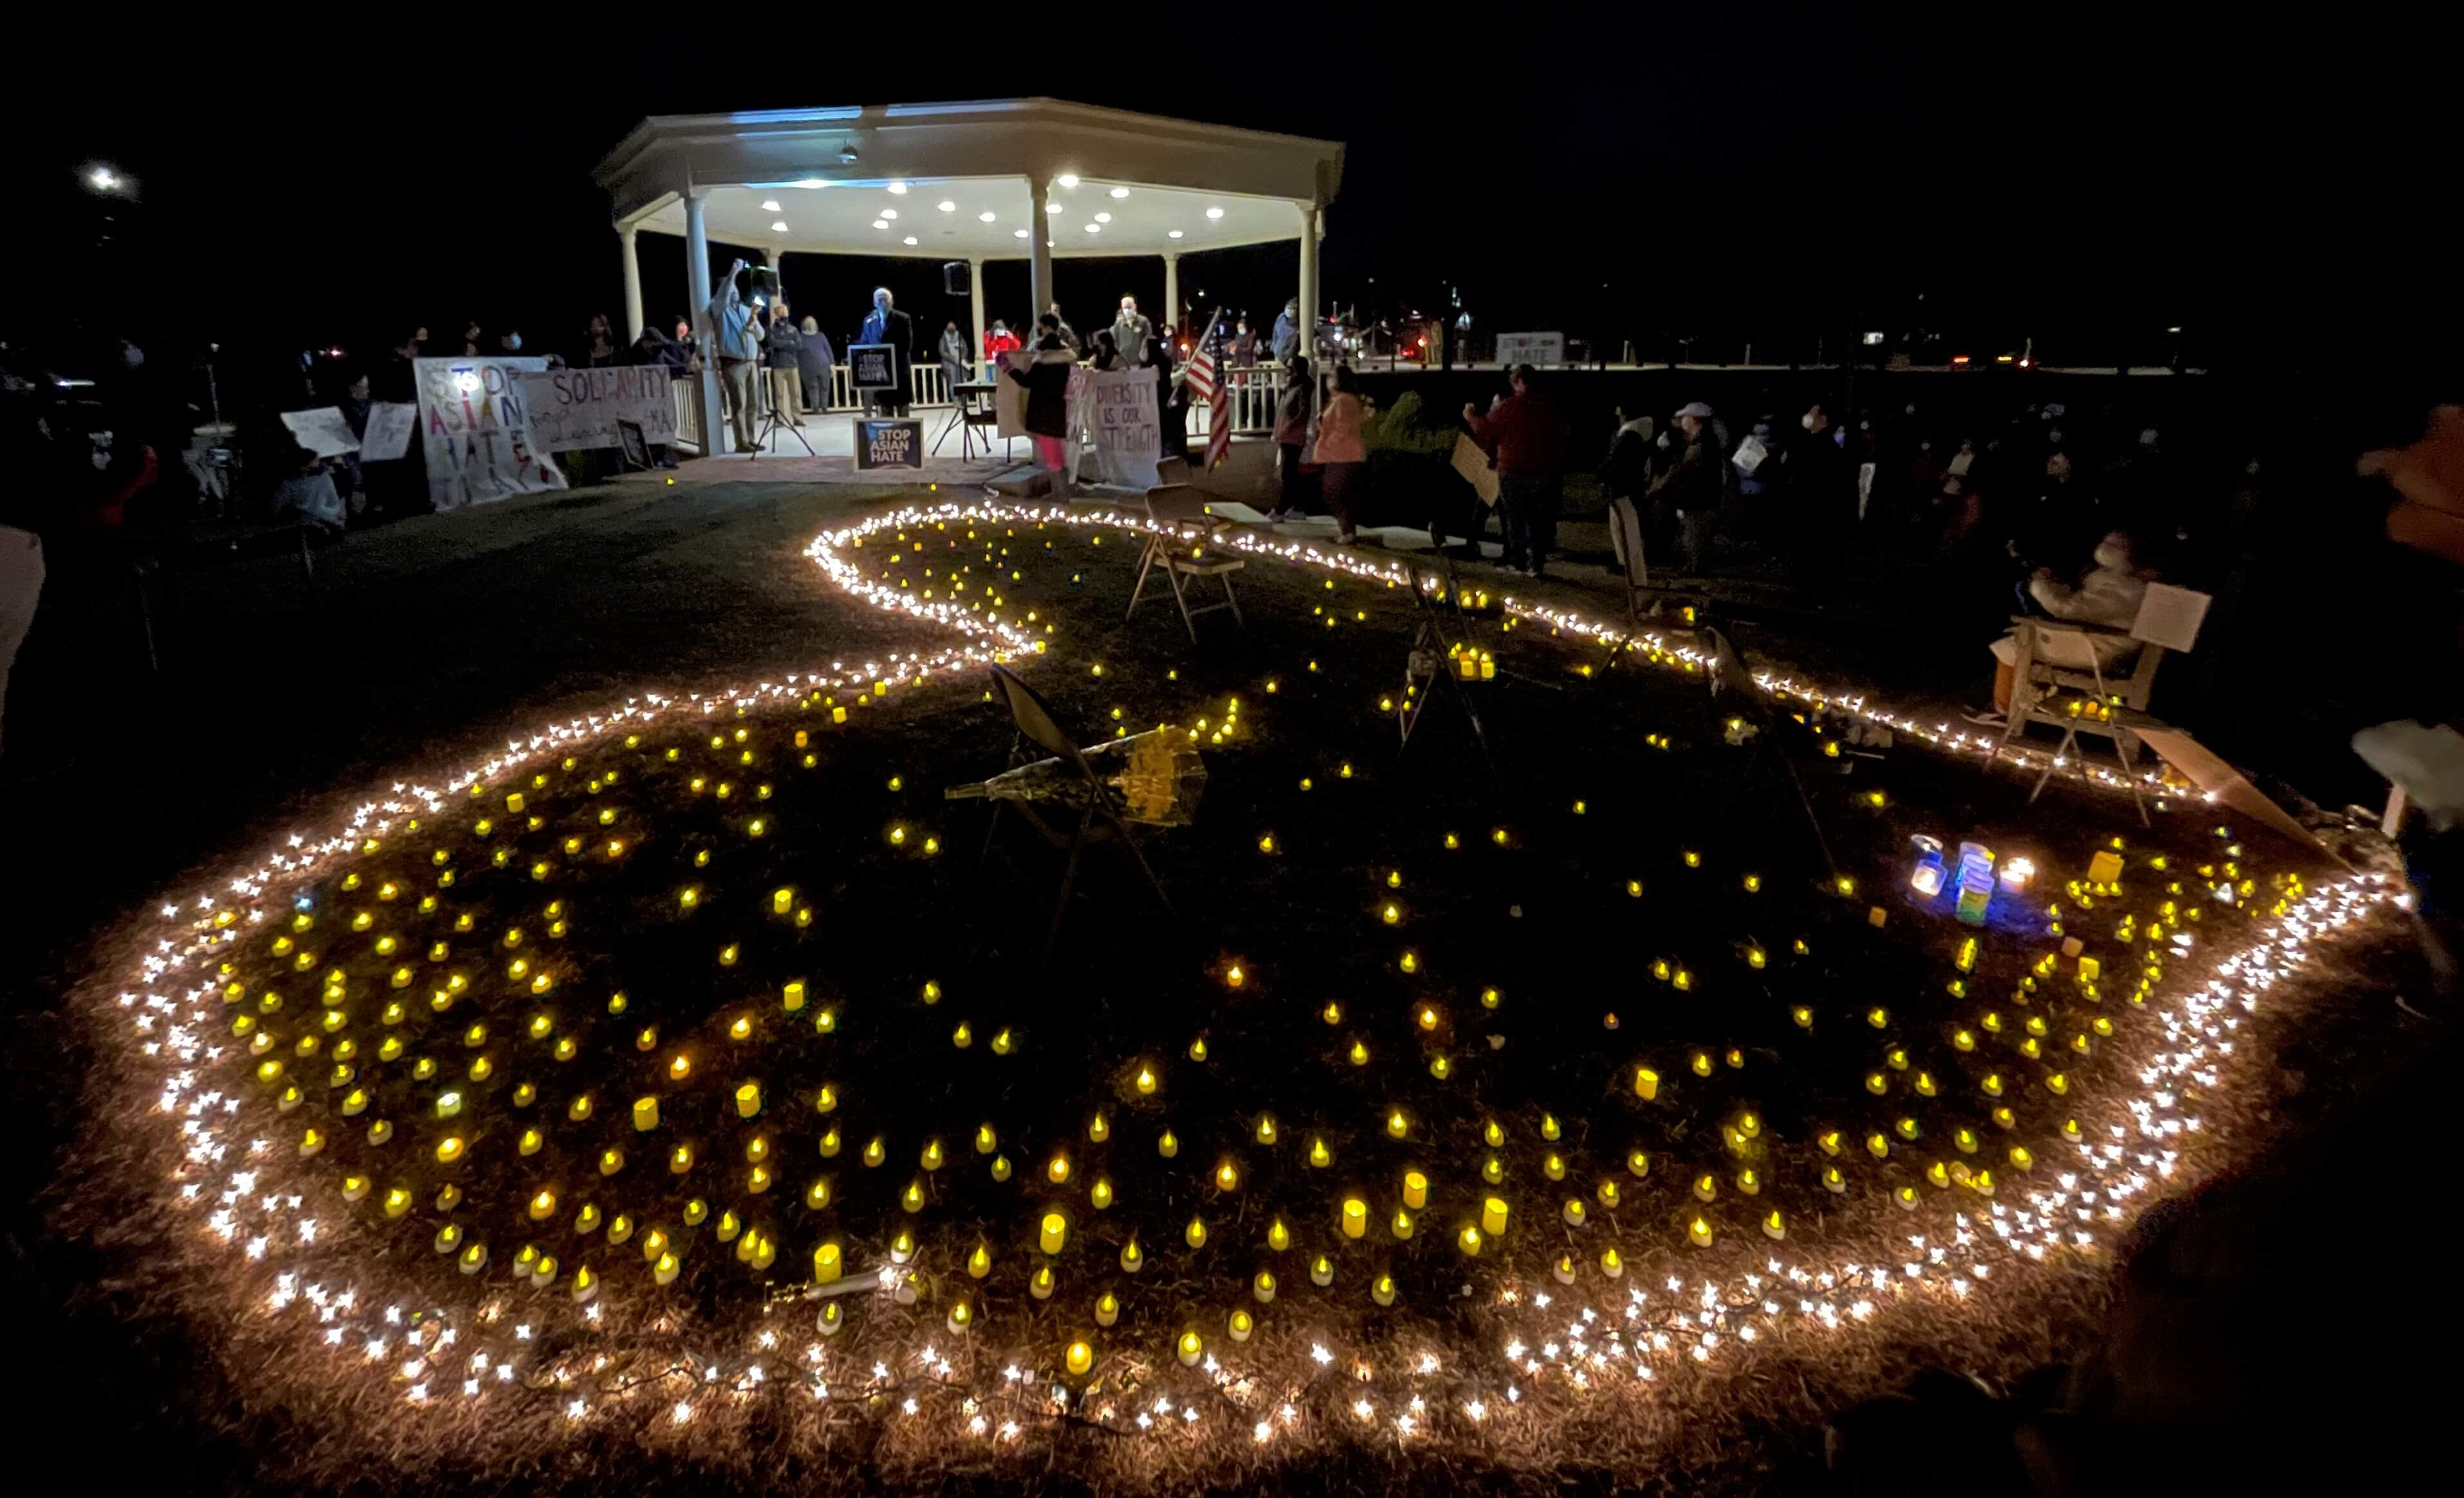 麻州莱克星顿镇举办烛光悼念集会 谴责仇恨亚裔和种族歧视暴力犯罪